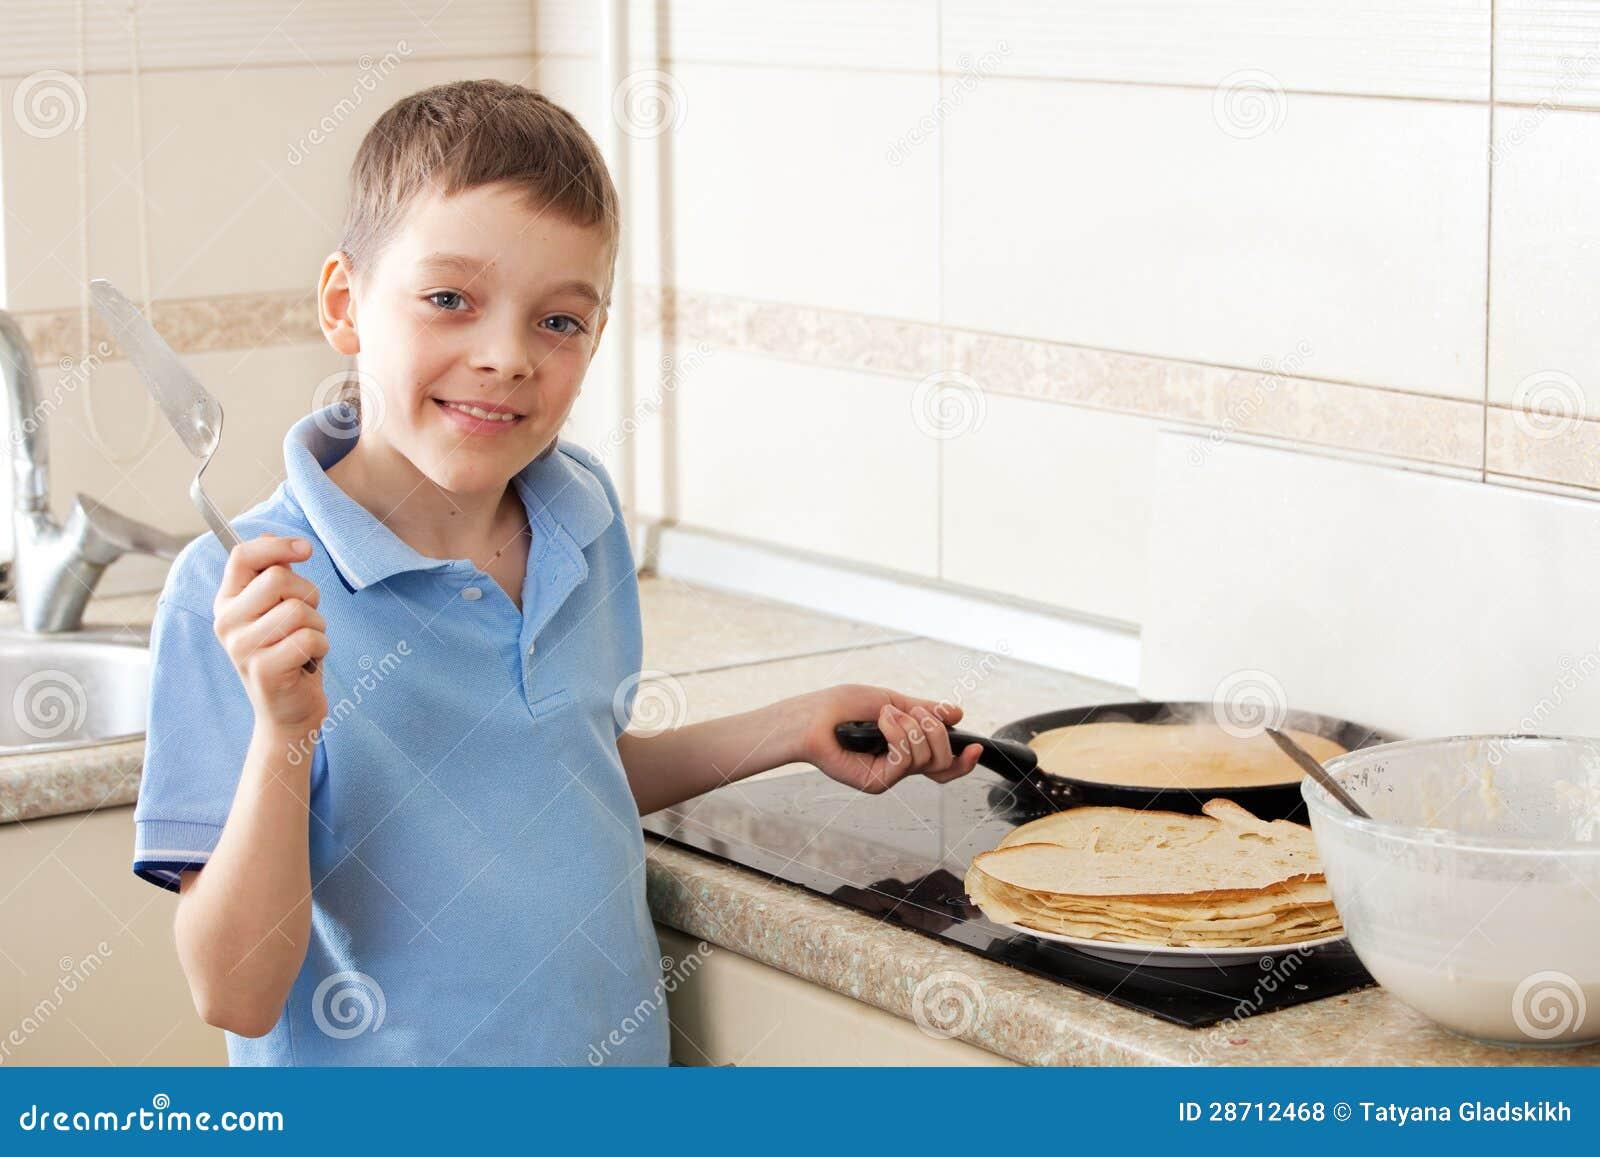 Boy Cooking Boy cooking pancakes